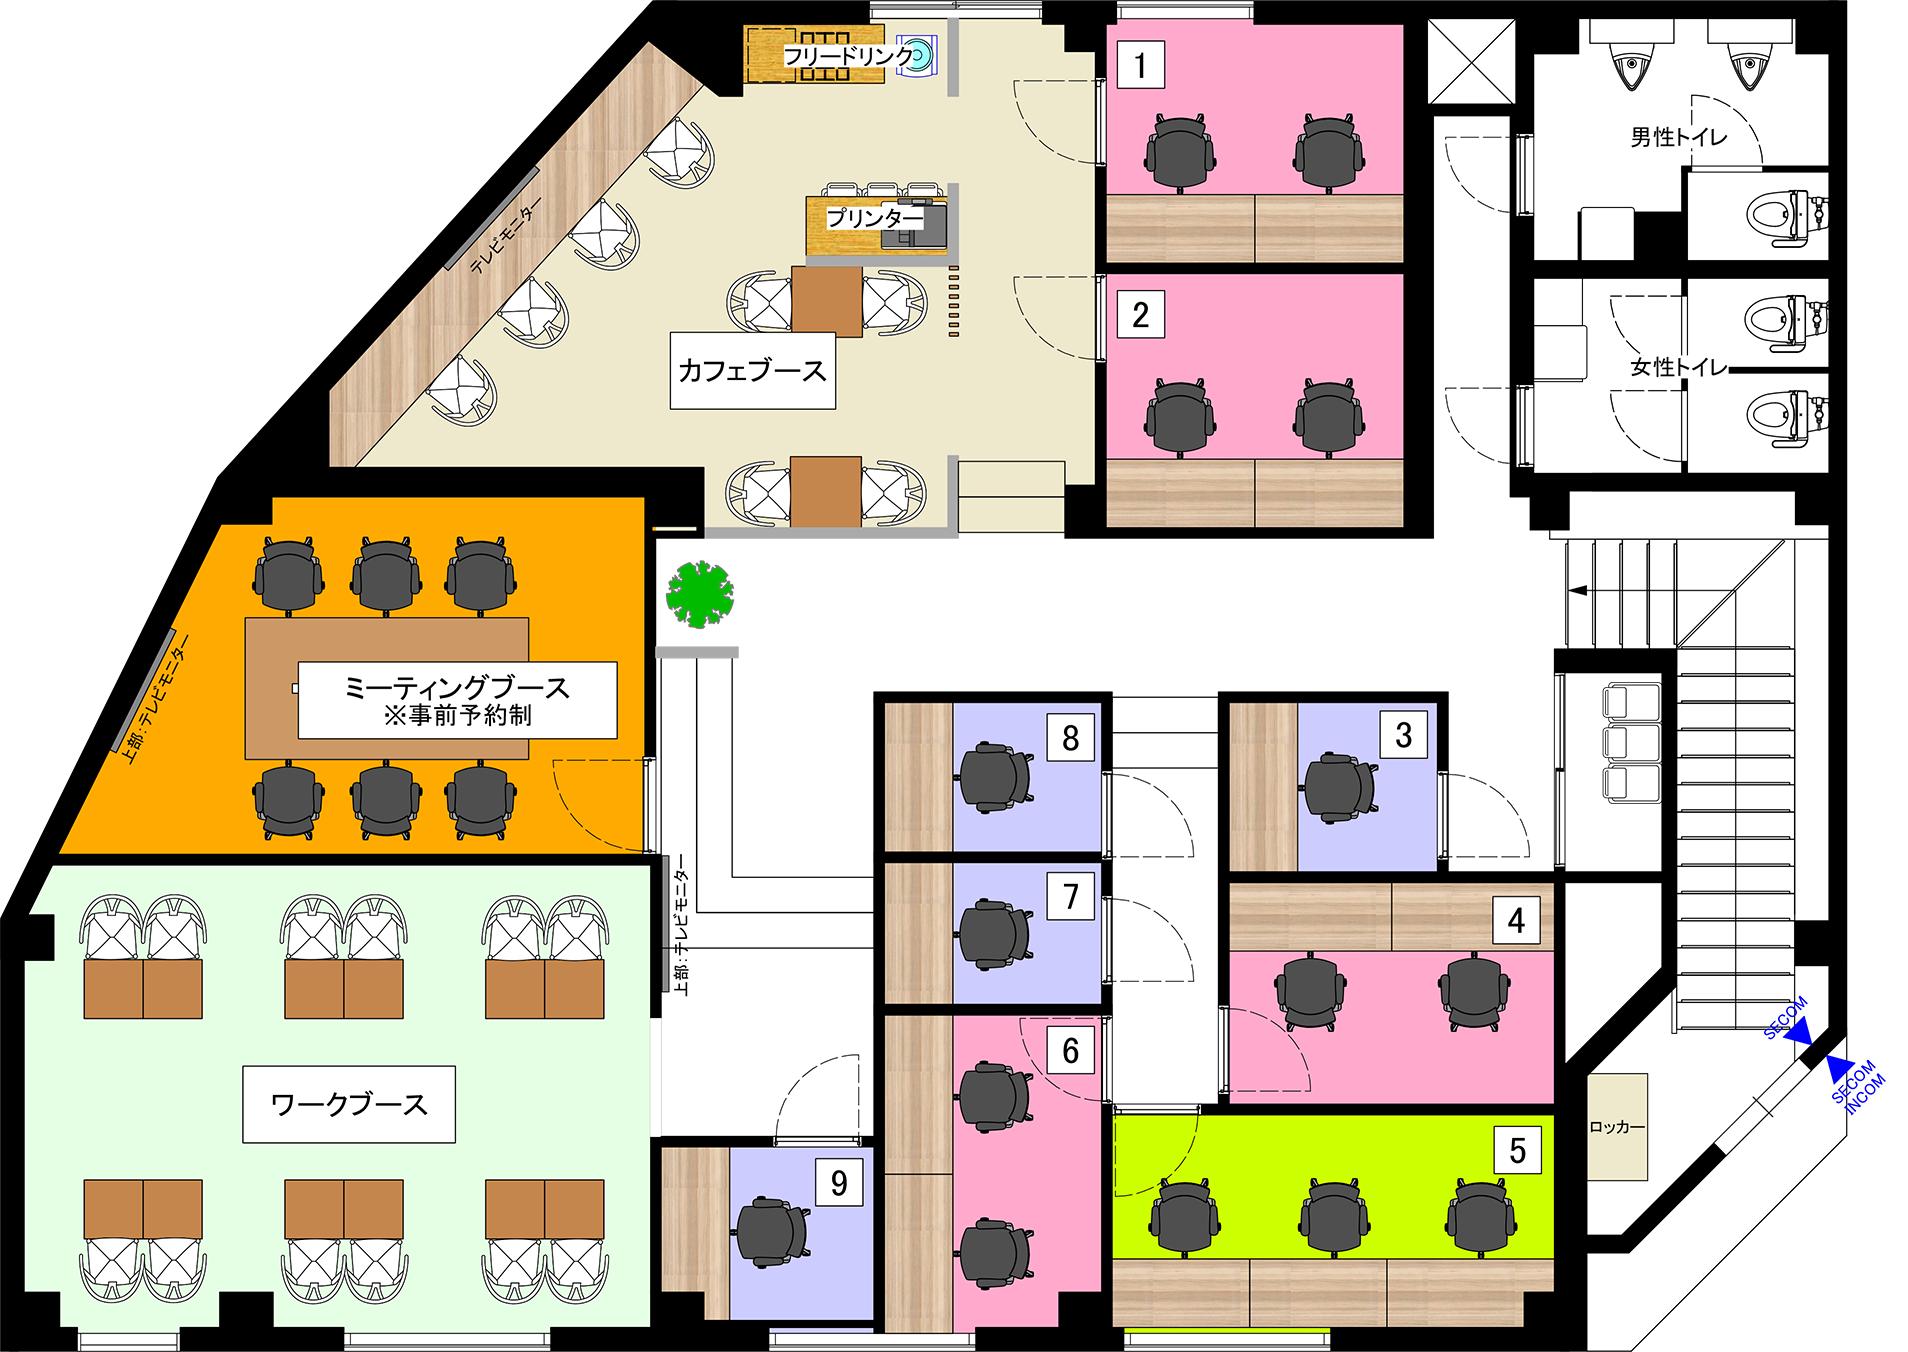 COffice葛飾青砥のフロアマップ